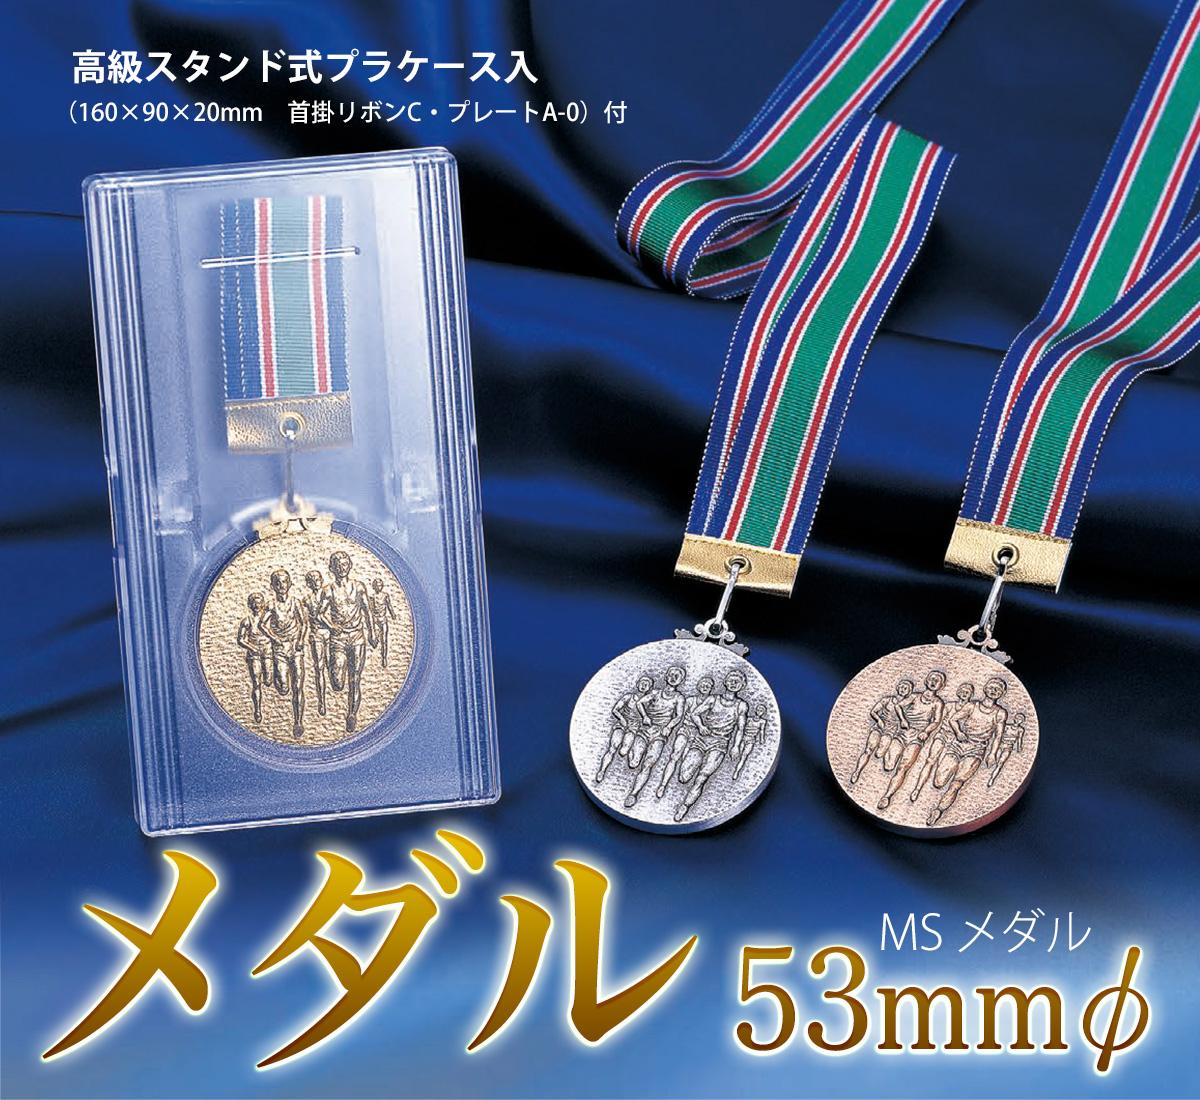 メダル 53mmφ MSメダル画像